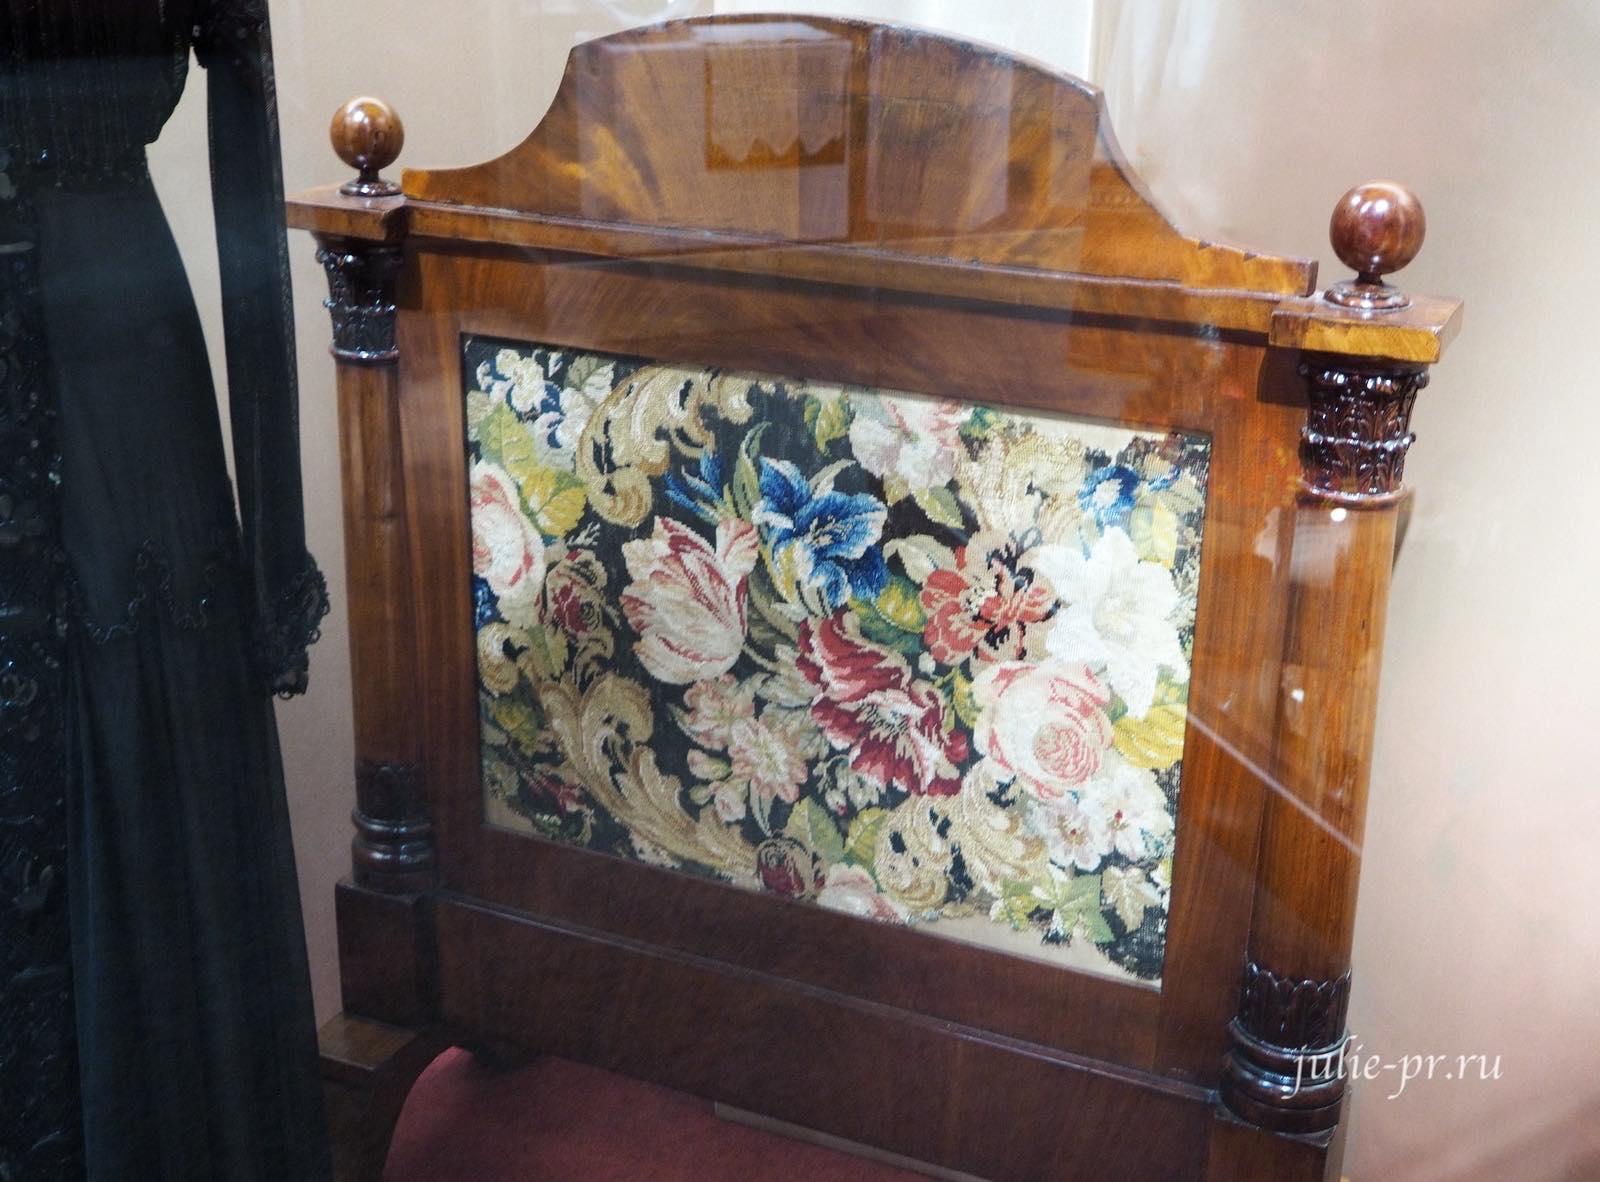 Экран каминный (Россия, вторая половина XIX века): вышивка крестом шерстяными нитками по канве